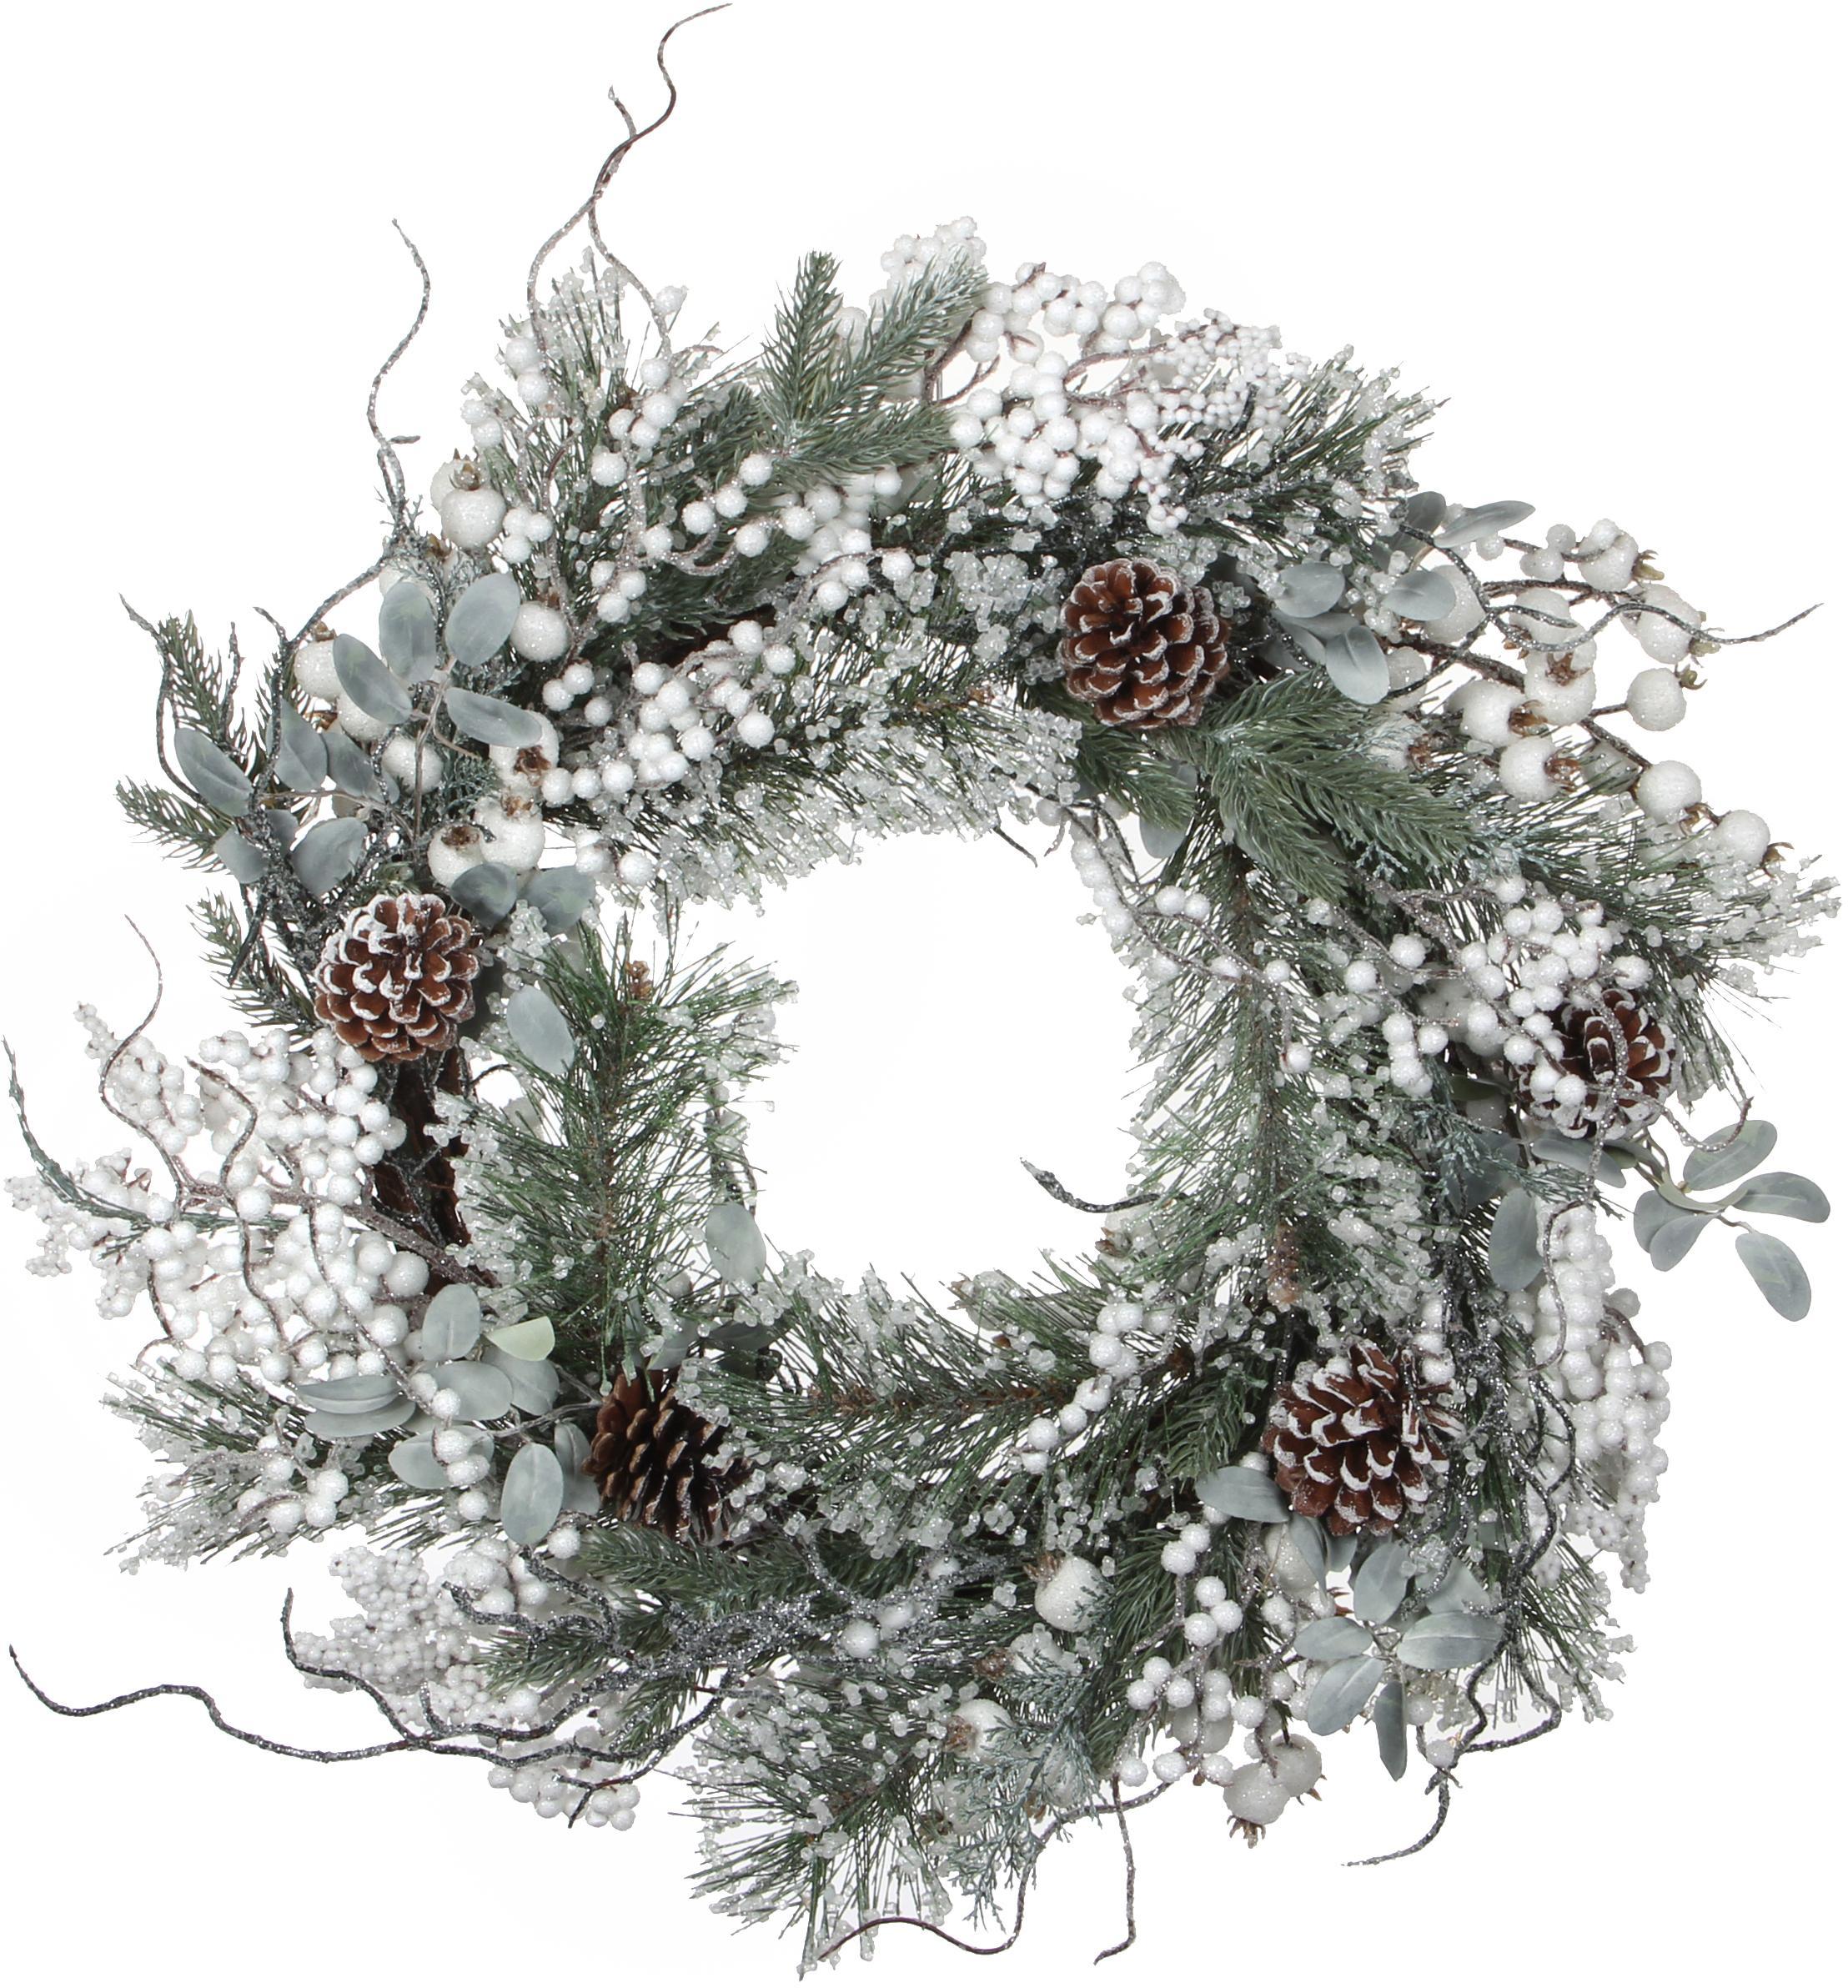 Sztuczny wieniec dekoracyjny Hardy, Tworzywo sztuczne, Zielony, biały, odcienie srebrnego, Ø 50 cm